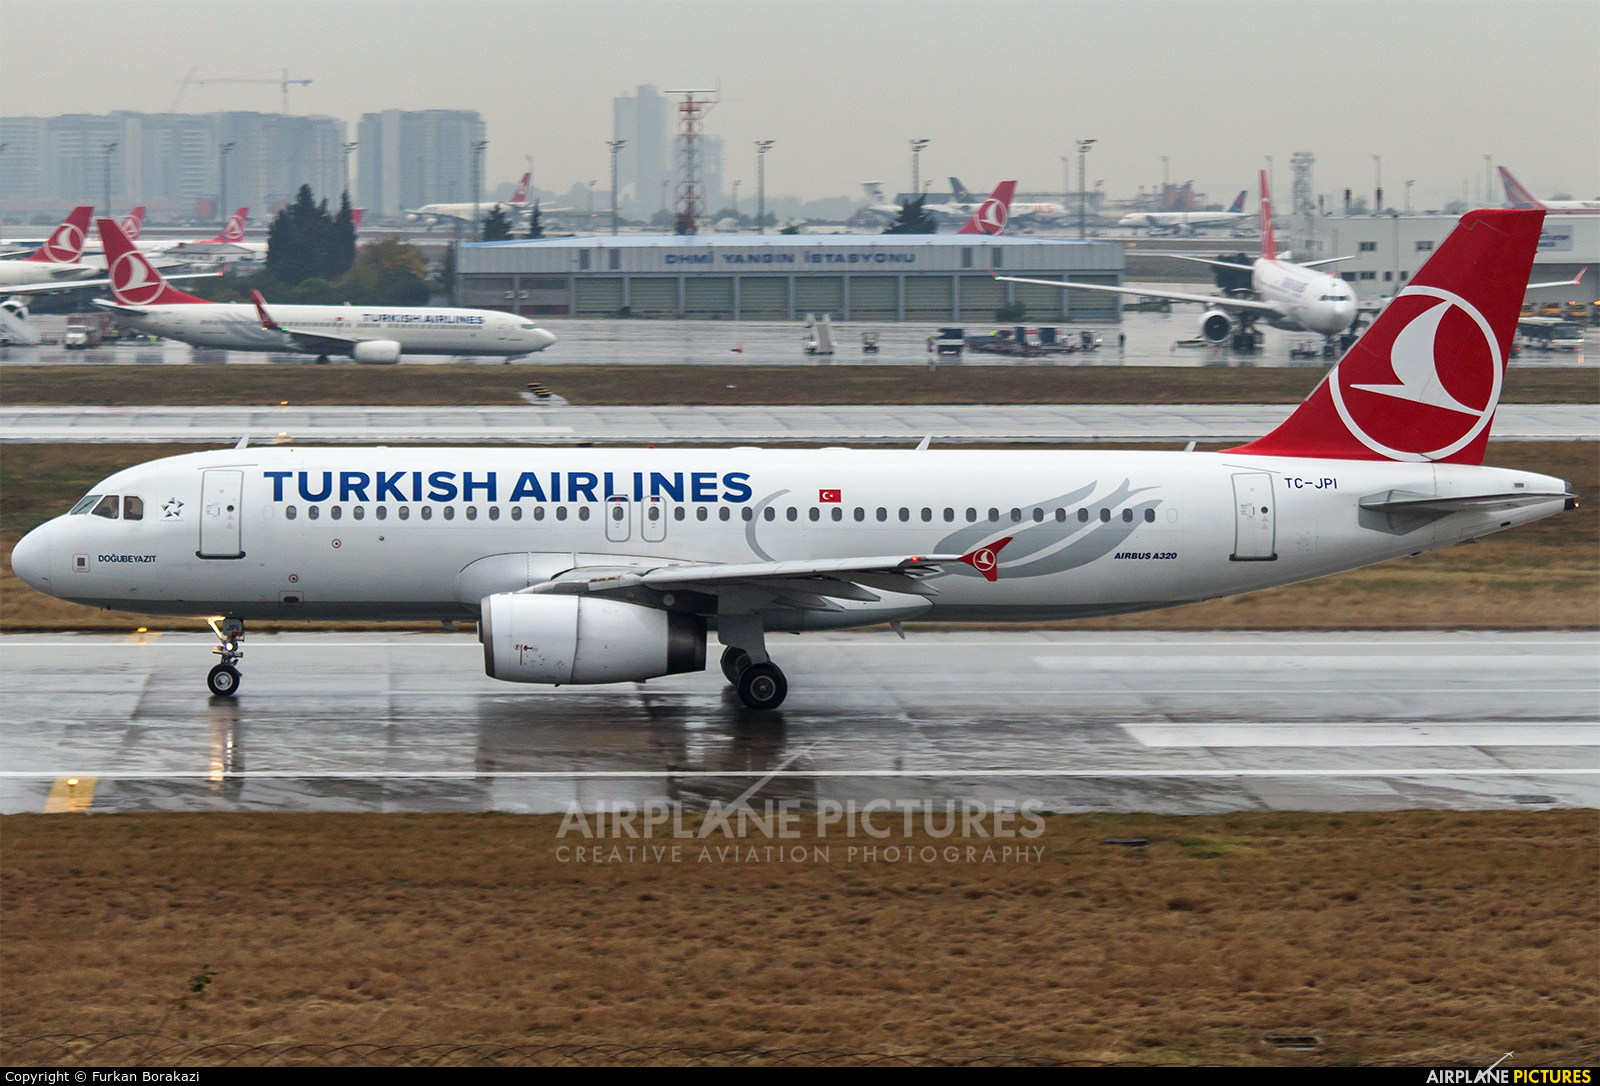 Turkish Airlines TC-JPI aircraft at Istanbul - Ataturk